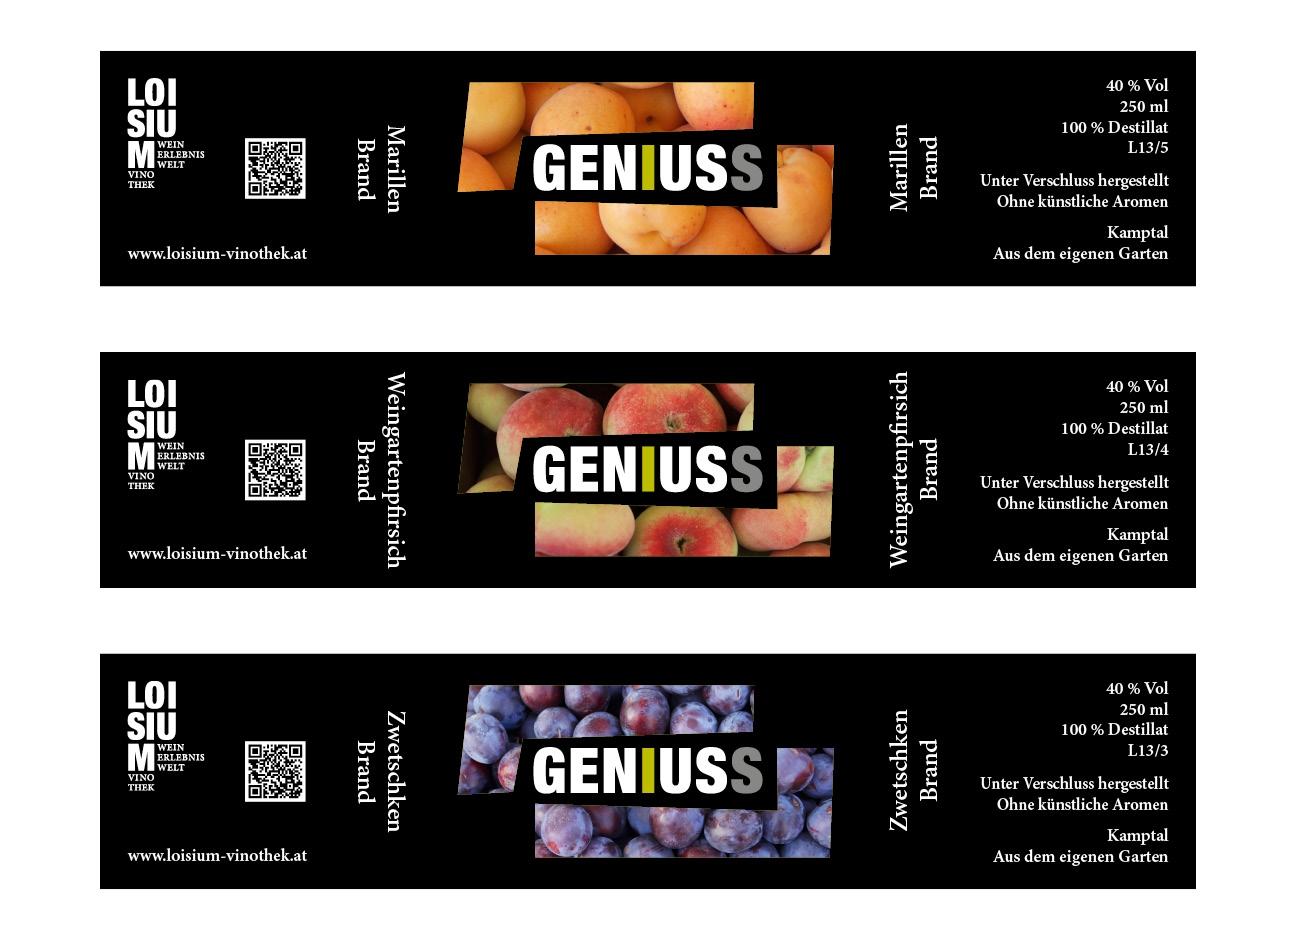 Geniuss Brand Etiketten